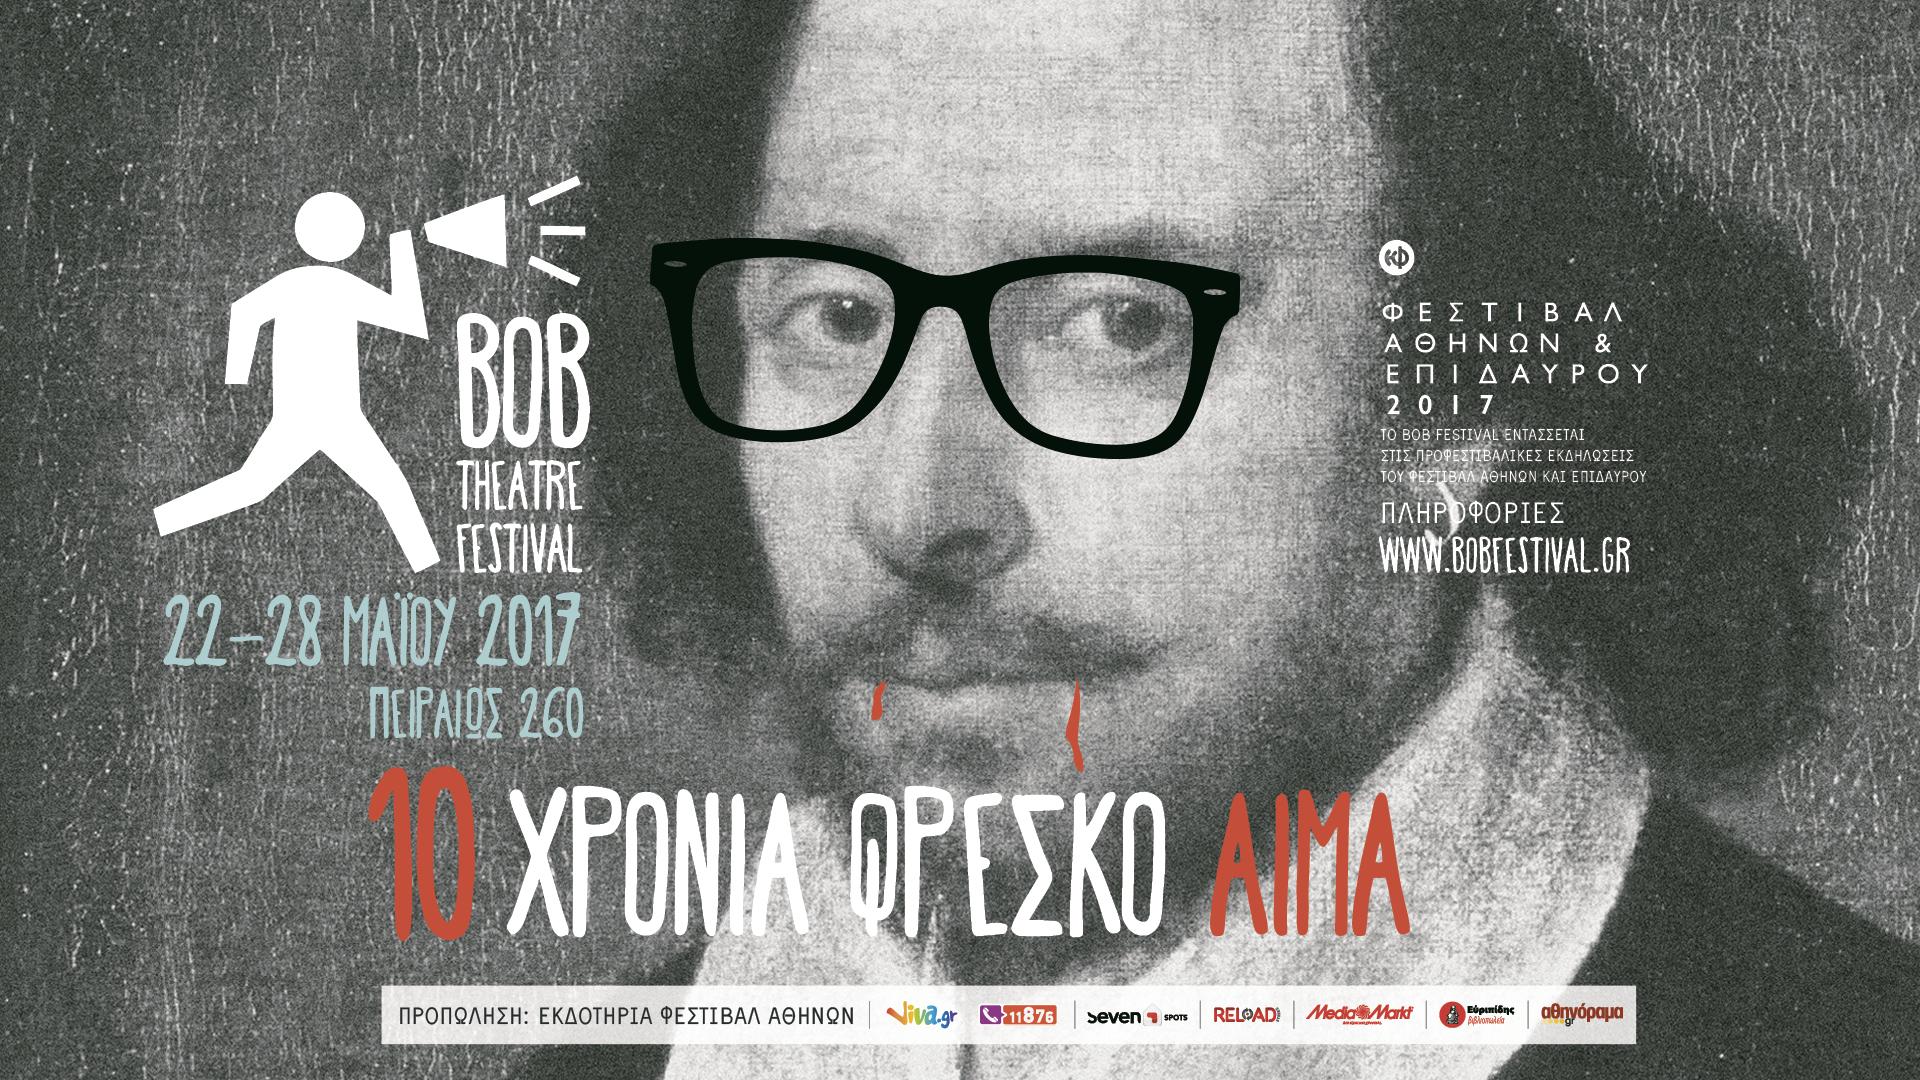 bob-festival_1920x1080_video-1